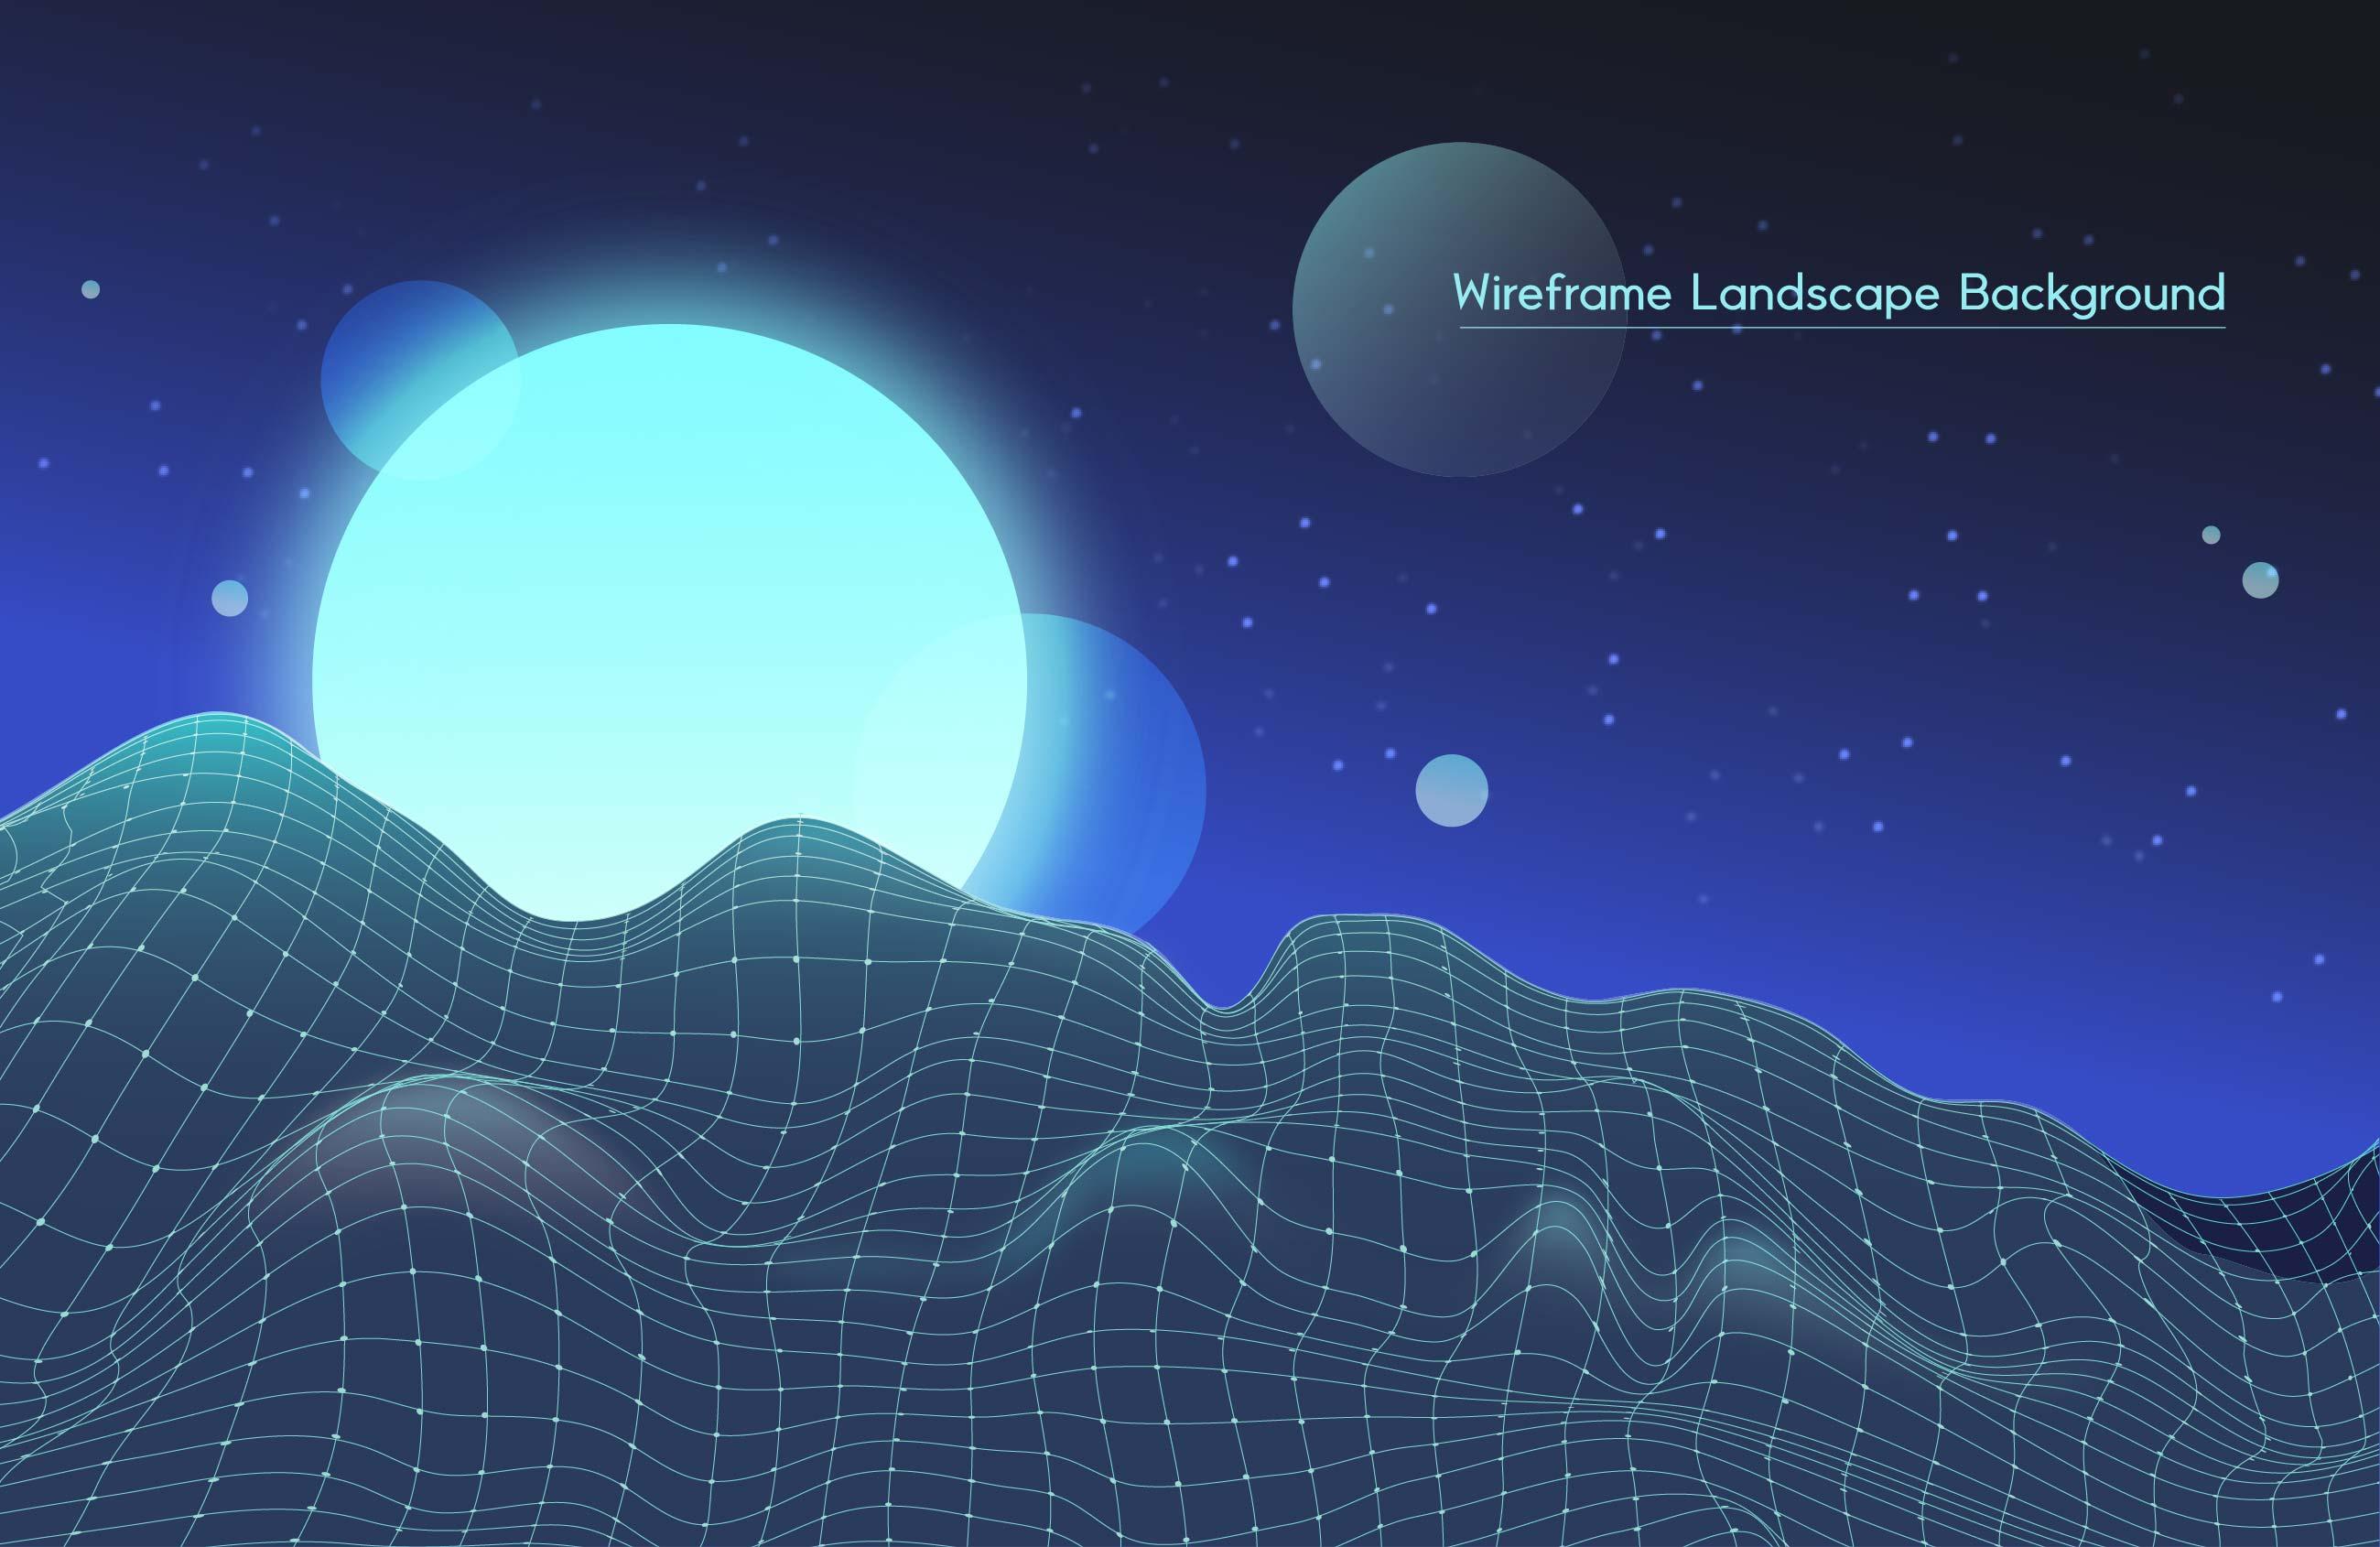 [单独购买] 9款未来科幻网络科技互联网大数据背景AI矢量素材 Big Data Vector Background插图4